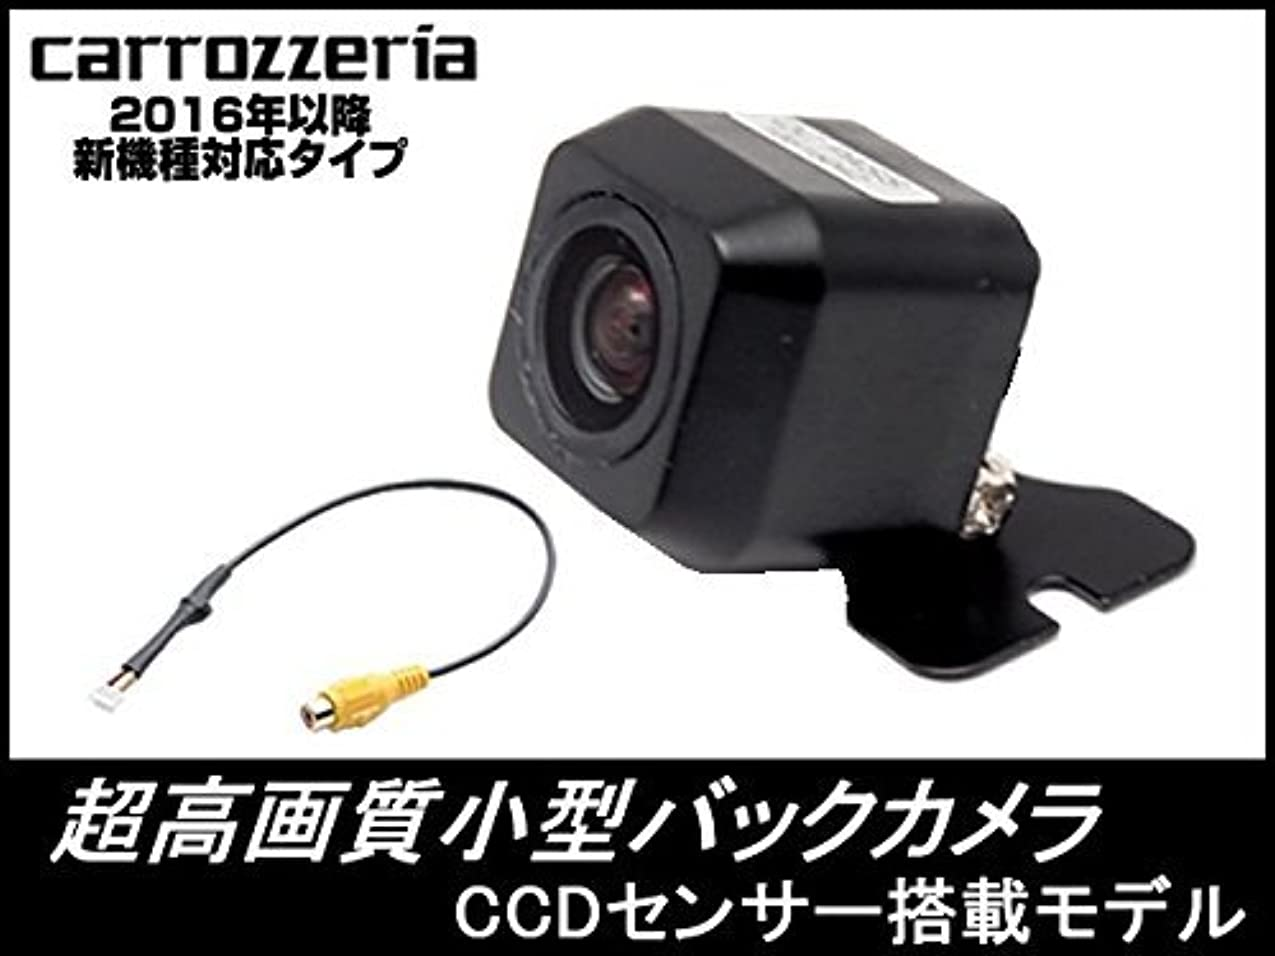 連続的性能未知のAVIC-CW901 対応 高画質 CCDバックカメラ 車載用 接続アダプタセット 広角170° 高画質 CCD センサー